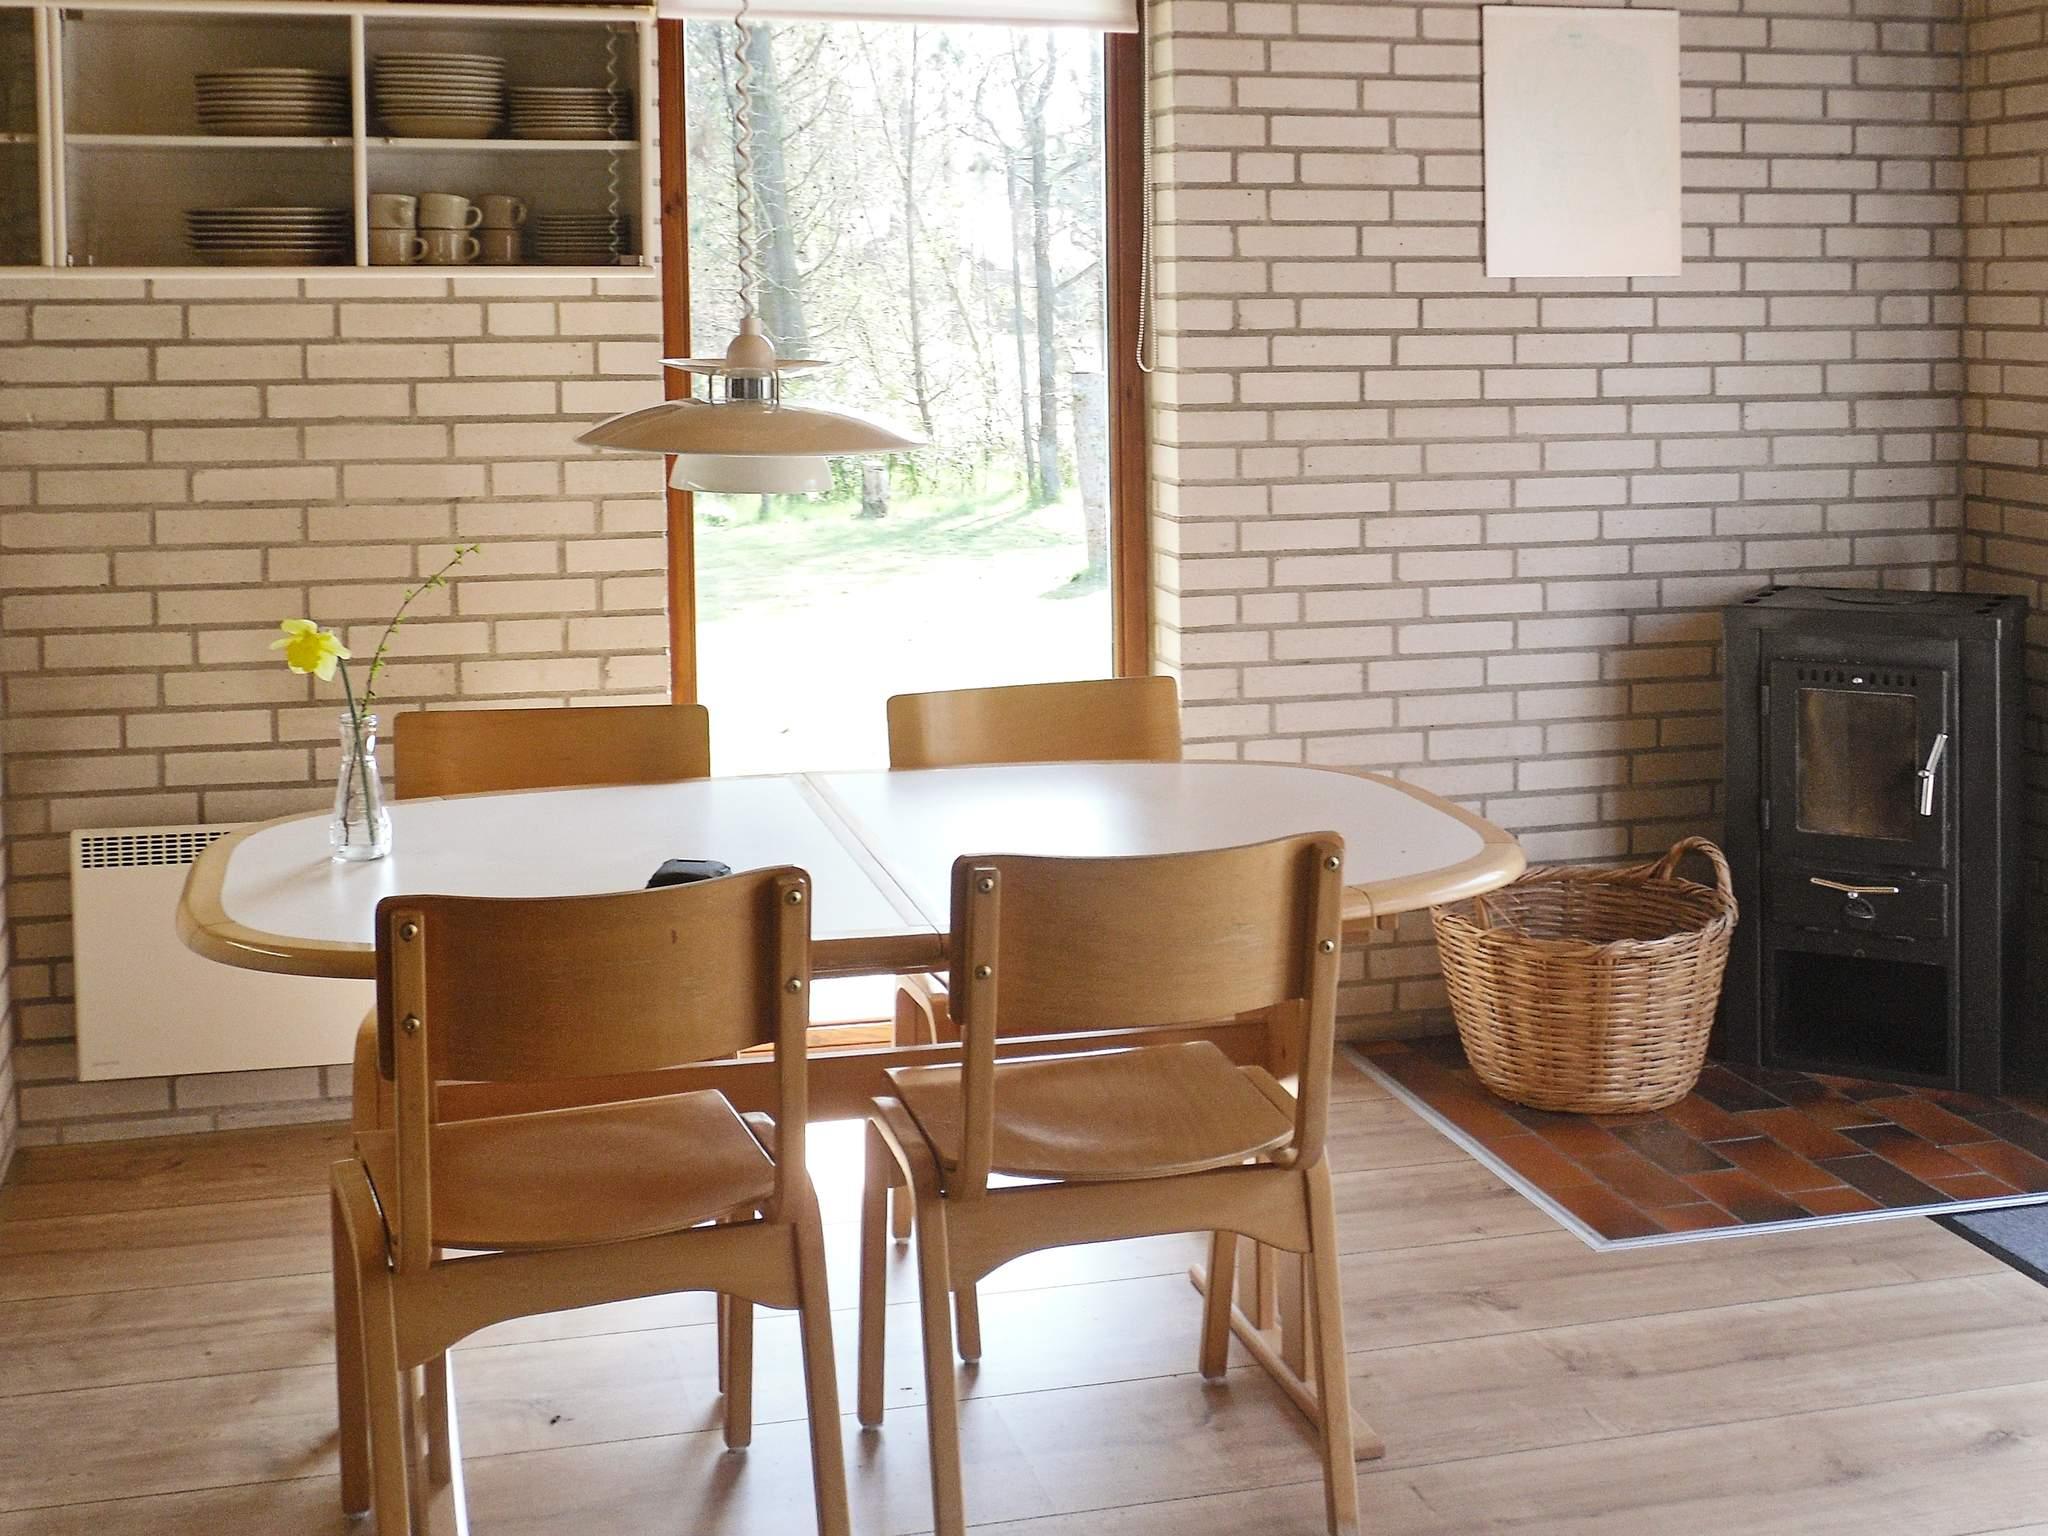 Ferienhaus Marielyst (87207), Marielyst, , Falster, Dänemark, Bild 5